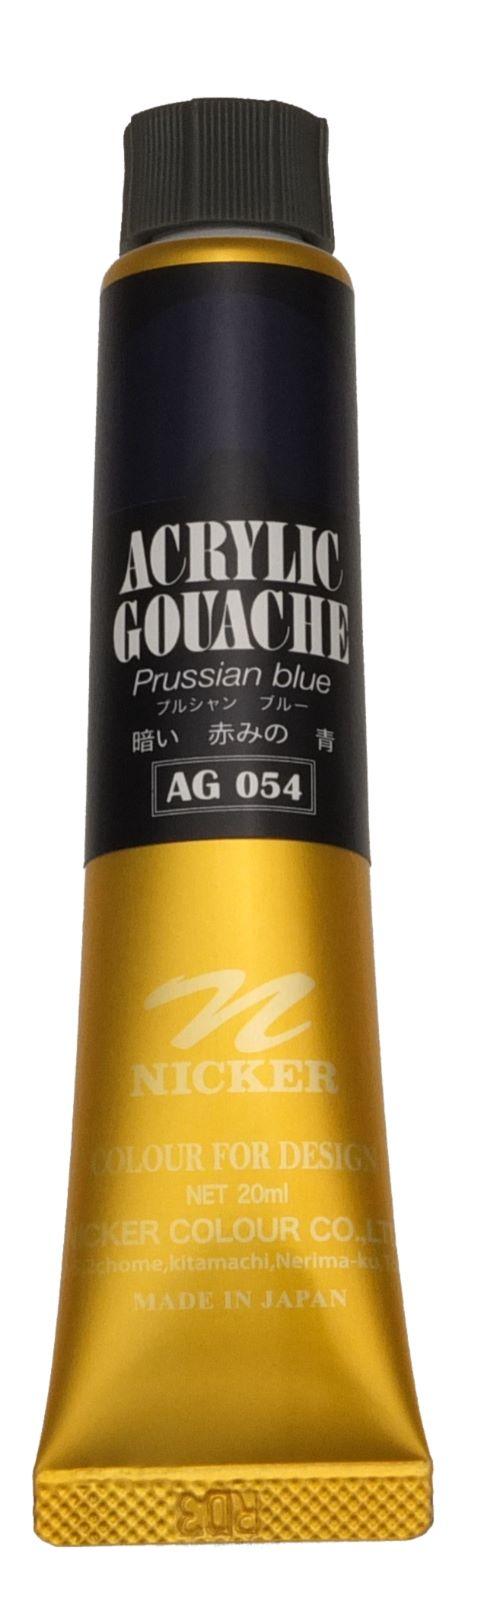 ACRYLIC GOUACHE 20ml AG054 PRUSSIAN BLUE